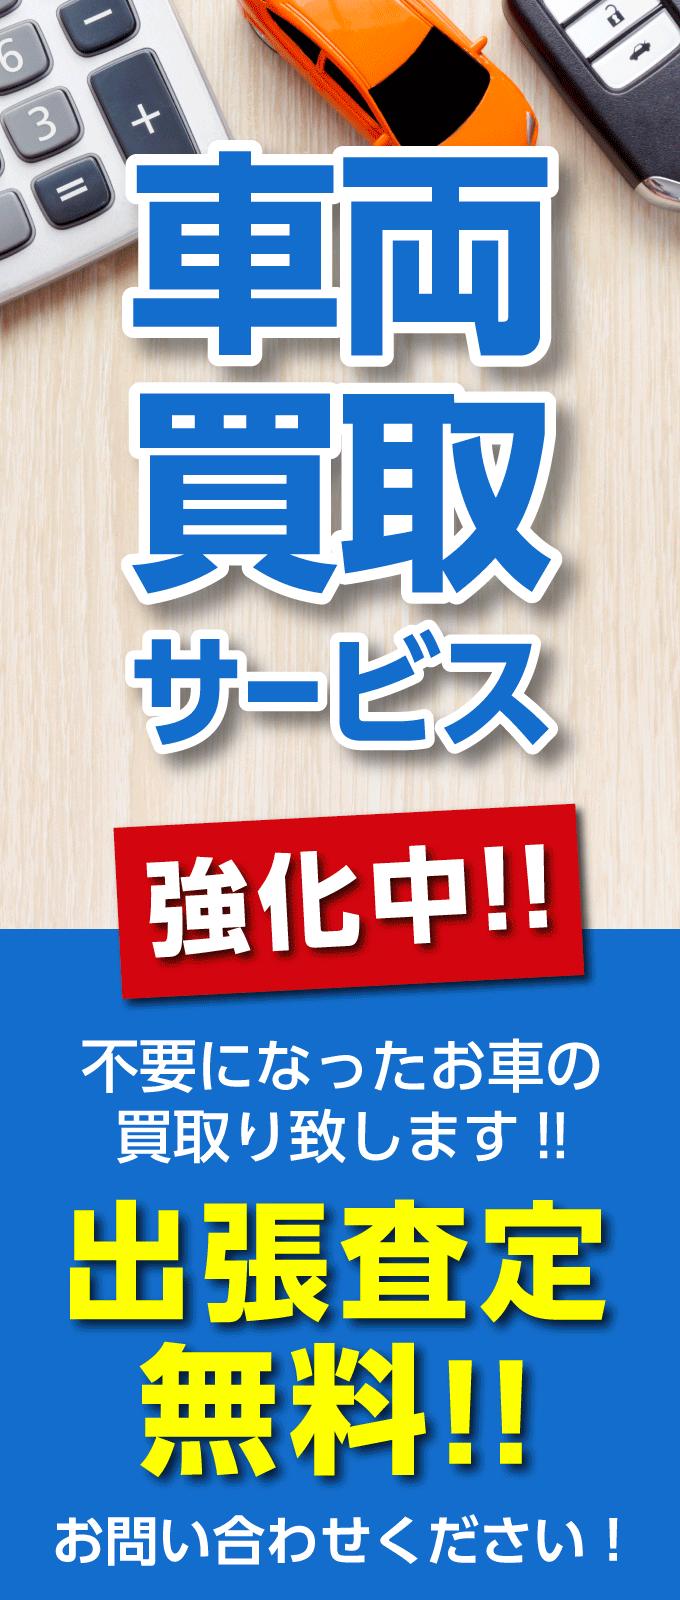 AKCの高価現金車買取り_岩手秋田青森なら無料出張見積します